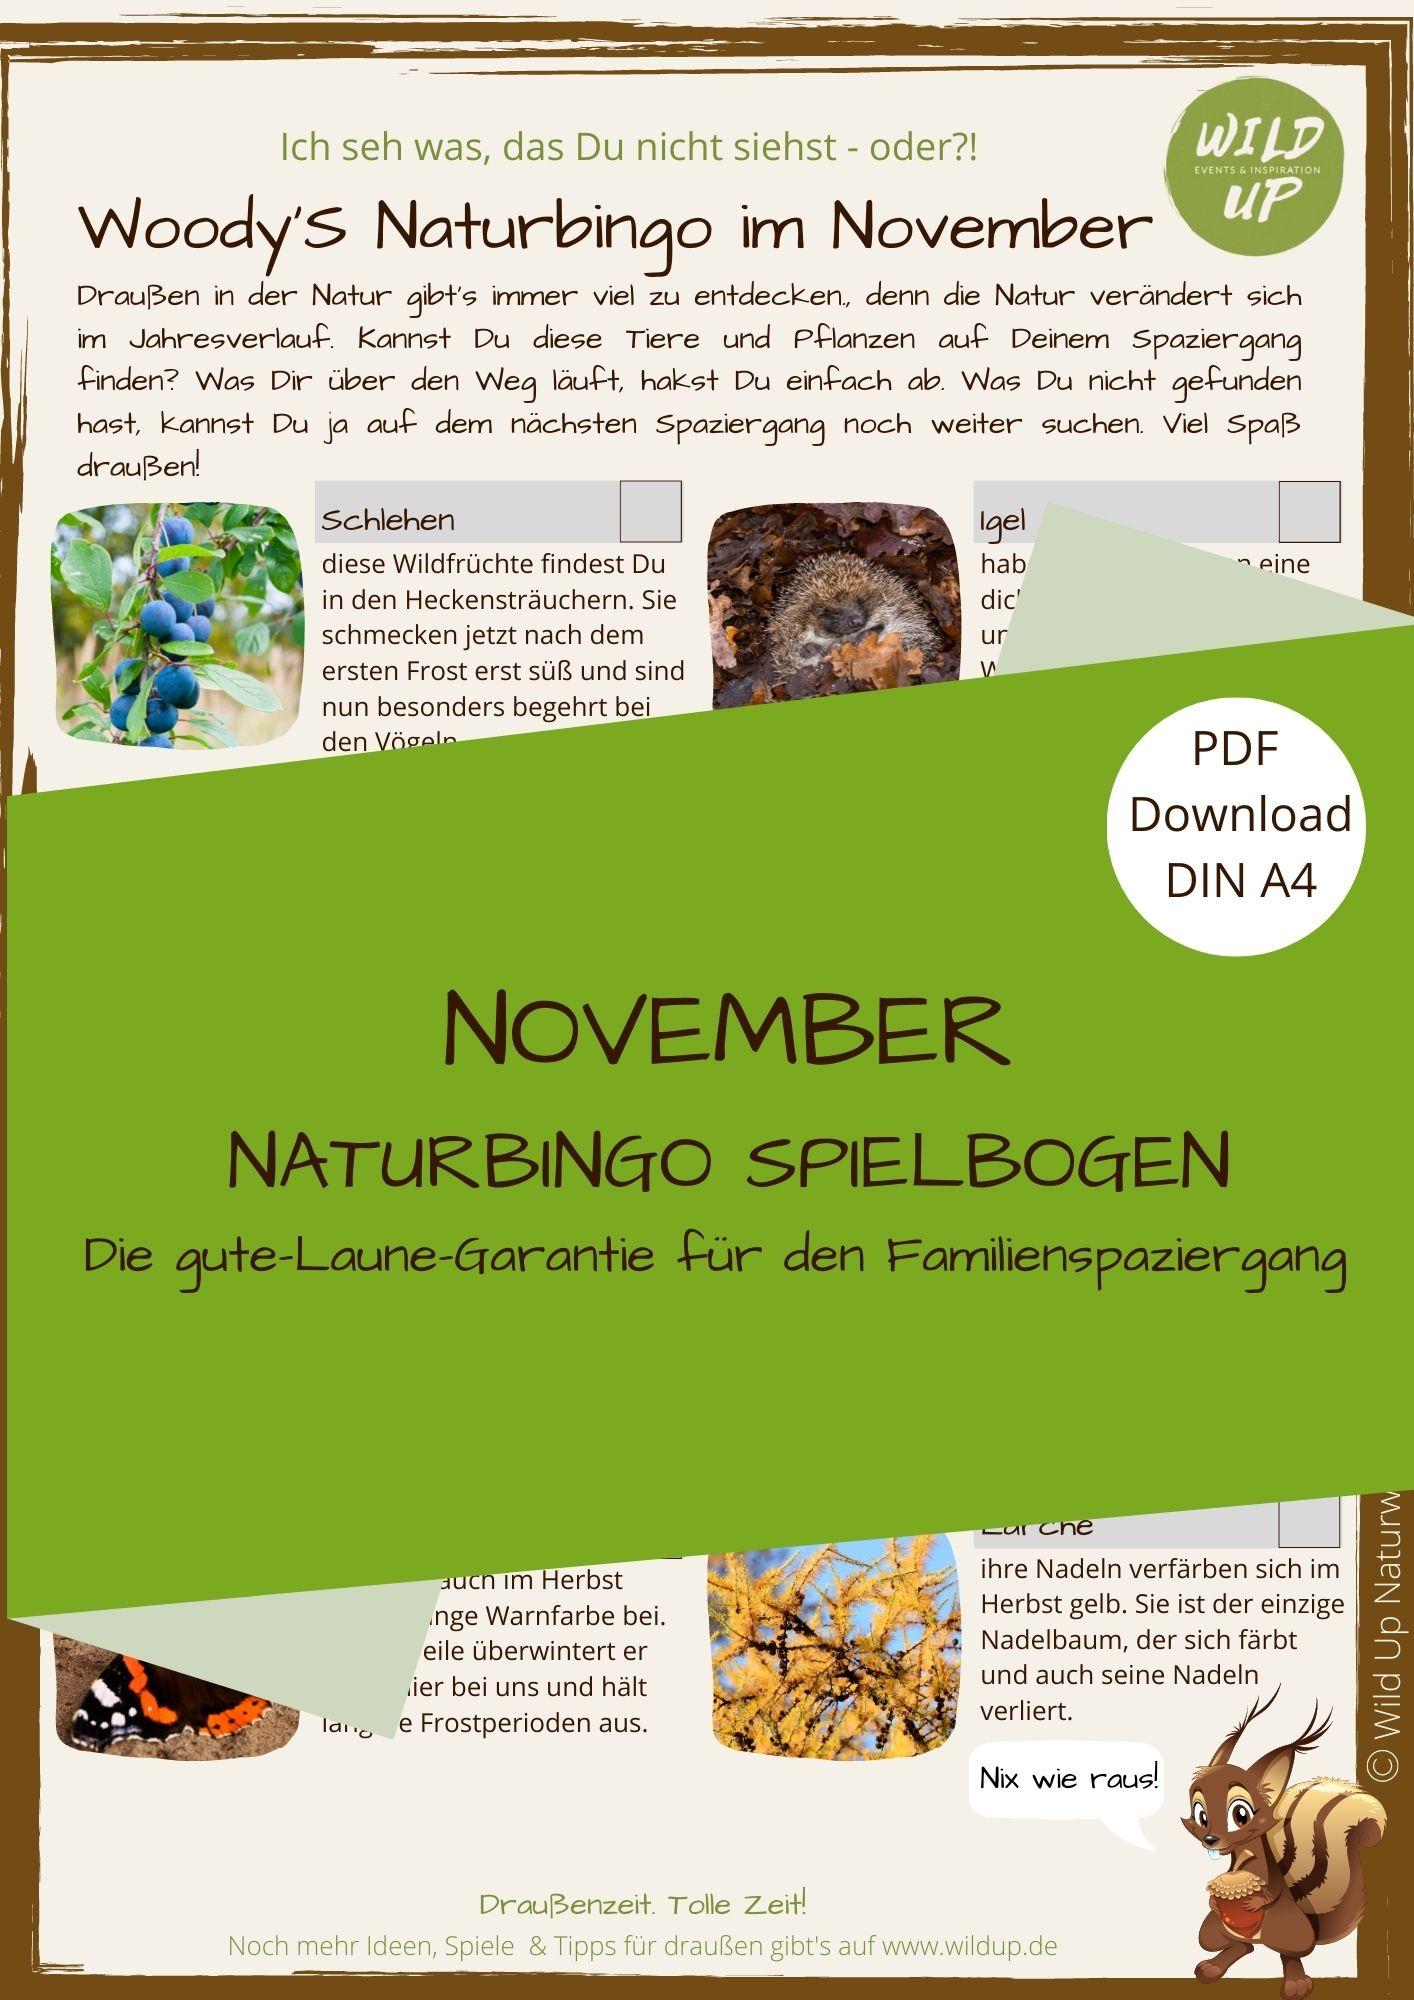 Naturbingo Suchspiel im November für Familien